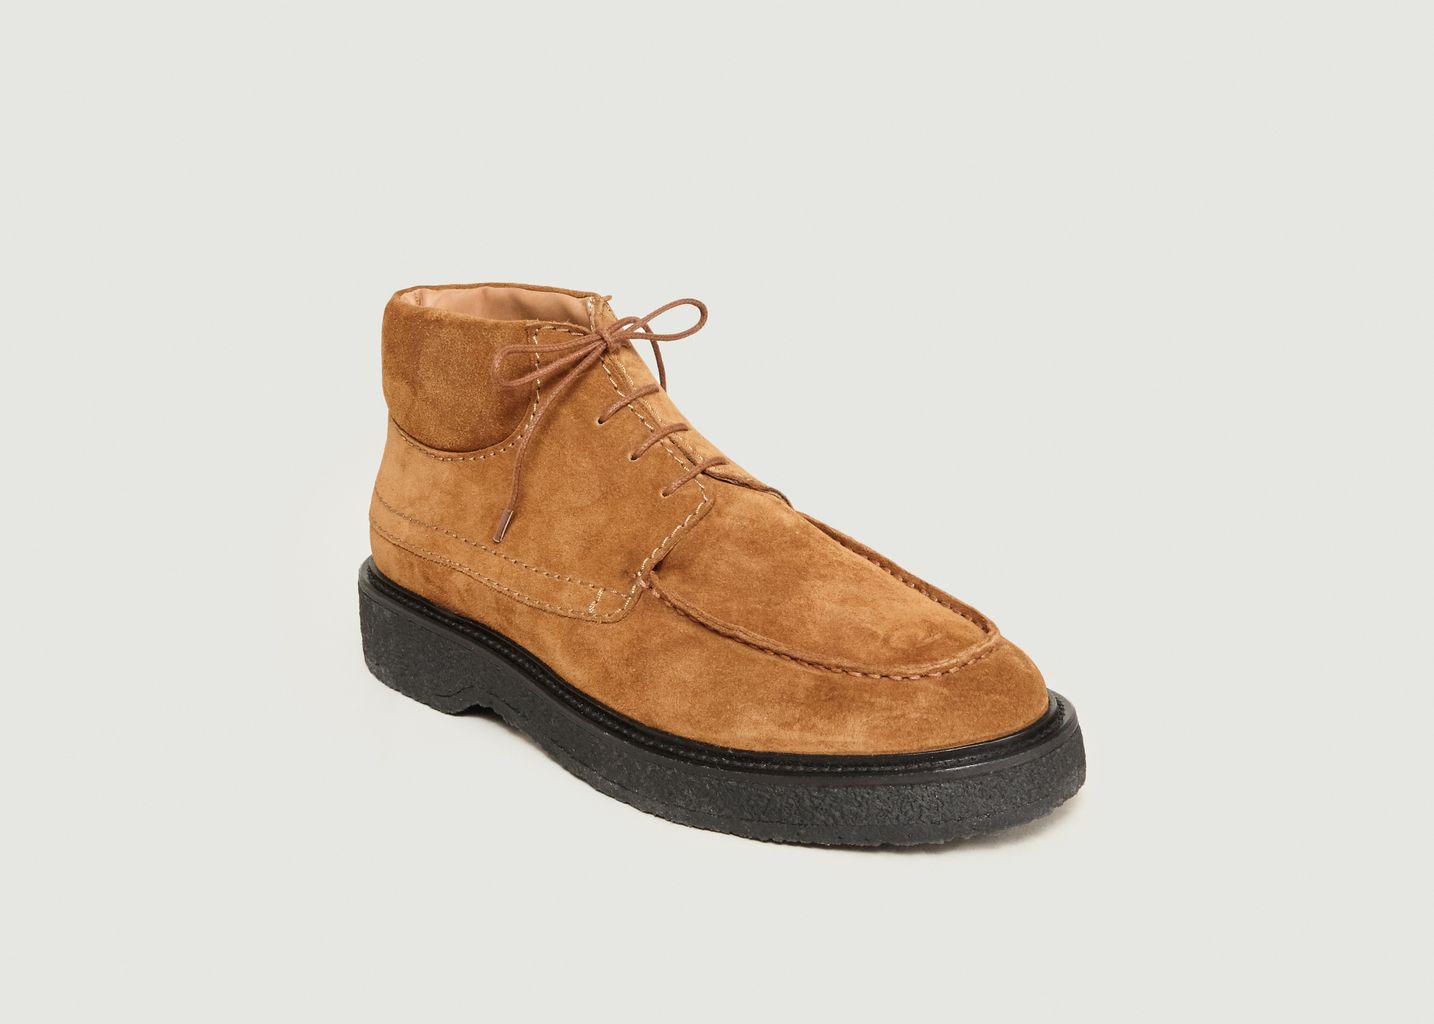 En Chukka Boots Cuir Chukka En Chukka Boots Cuir Boots En Suédé Suédé g7y6vfYb